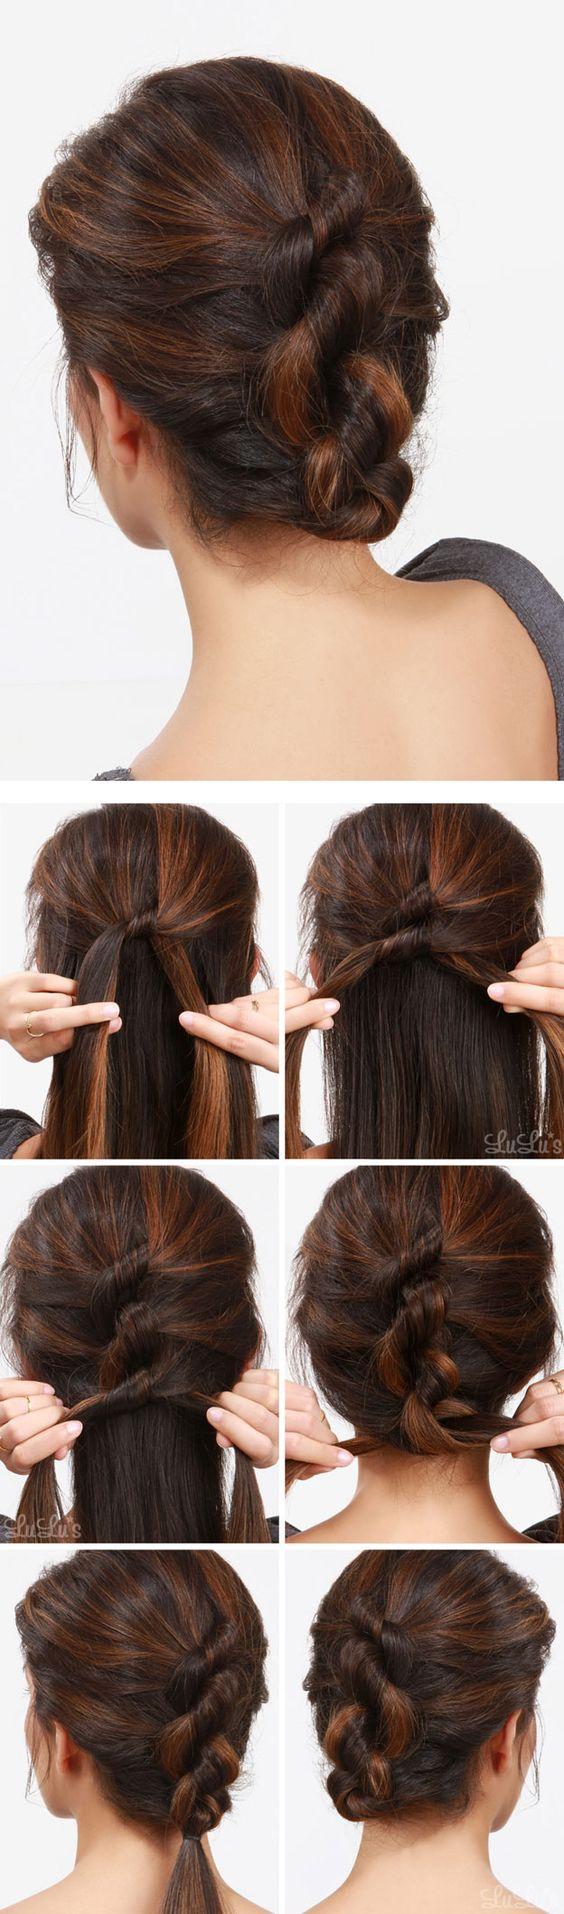 Как заколоть волосы на затылке в прическу